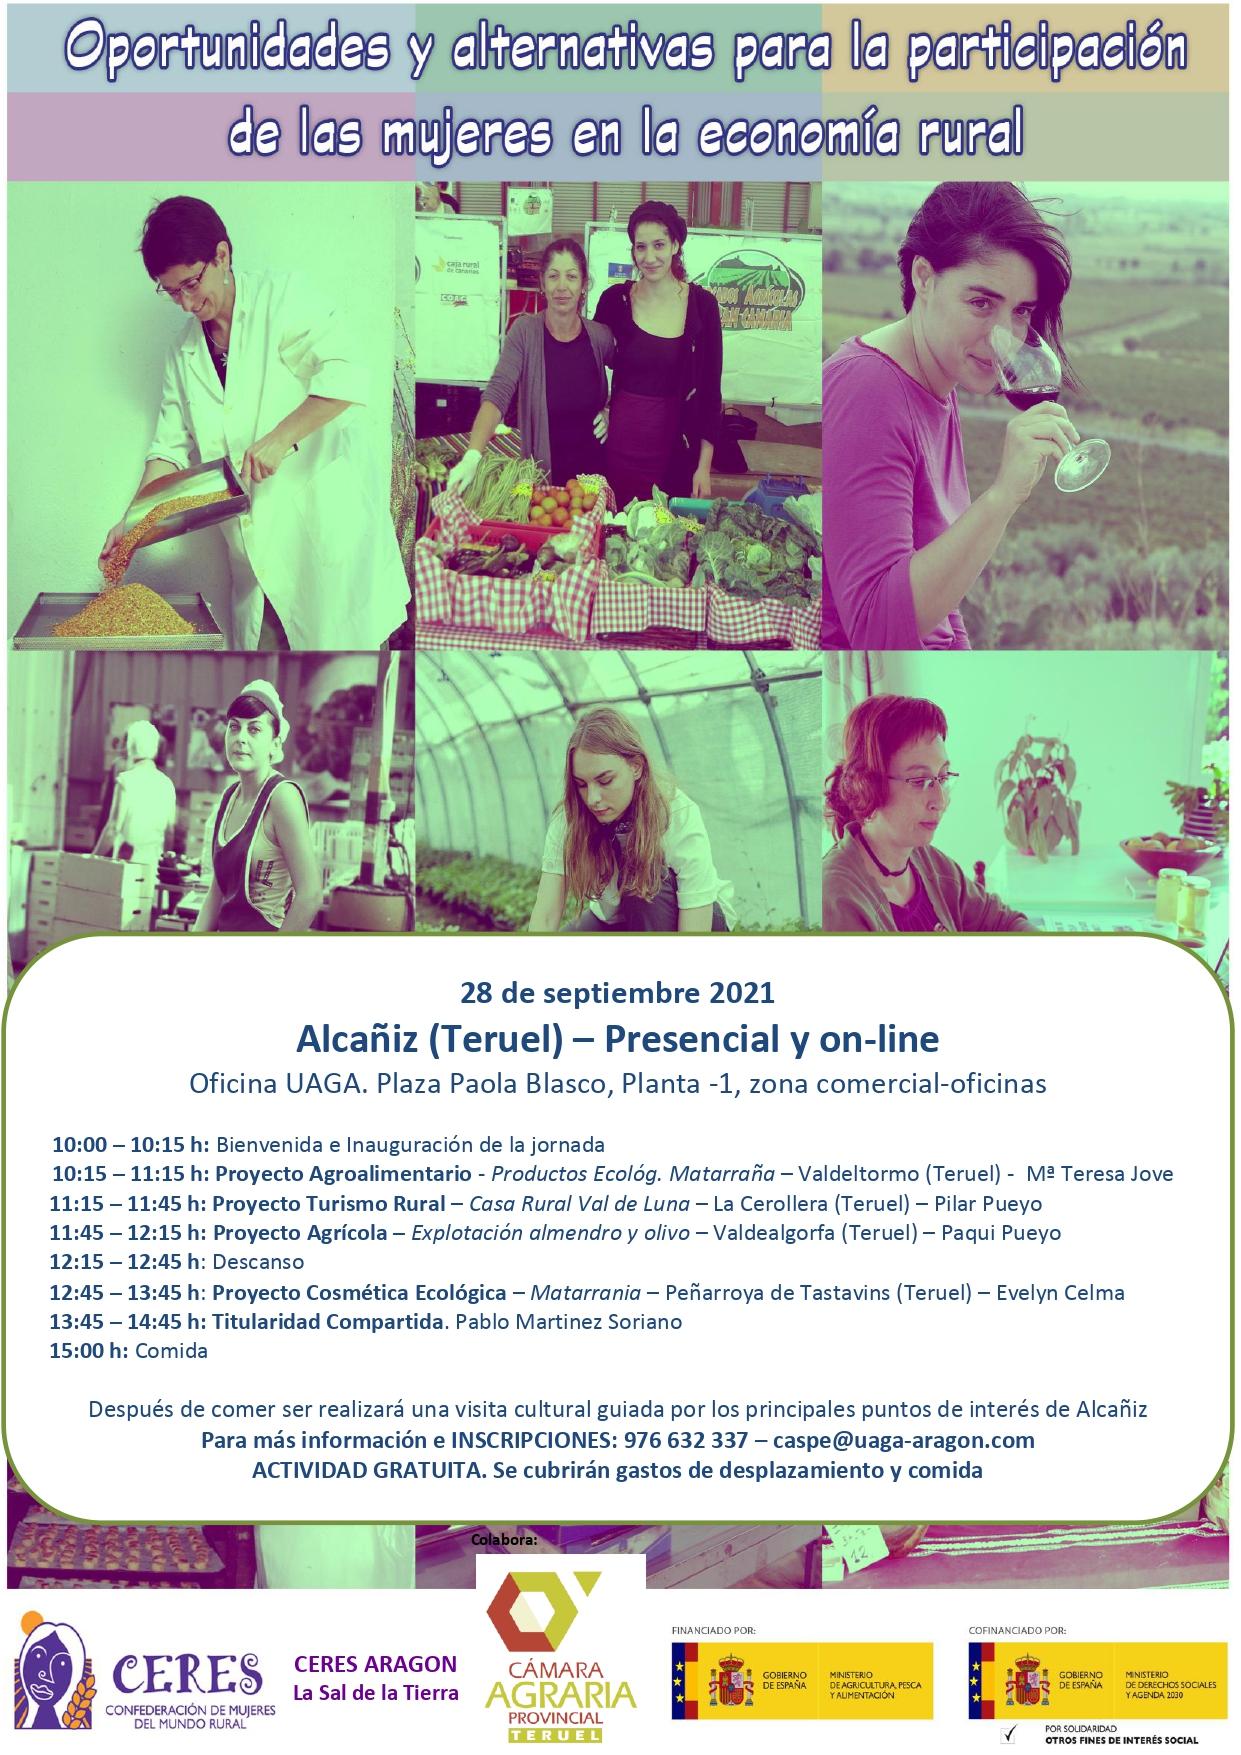 Oportunidades de las mujeres en la economía rural en Alcañiz